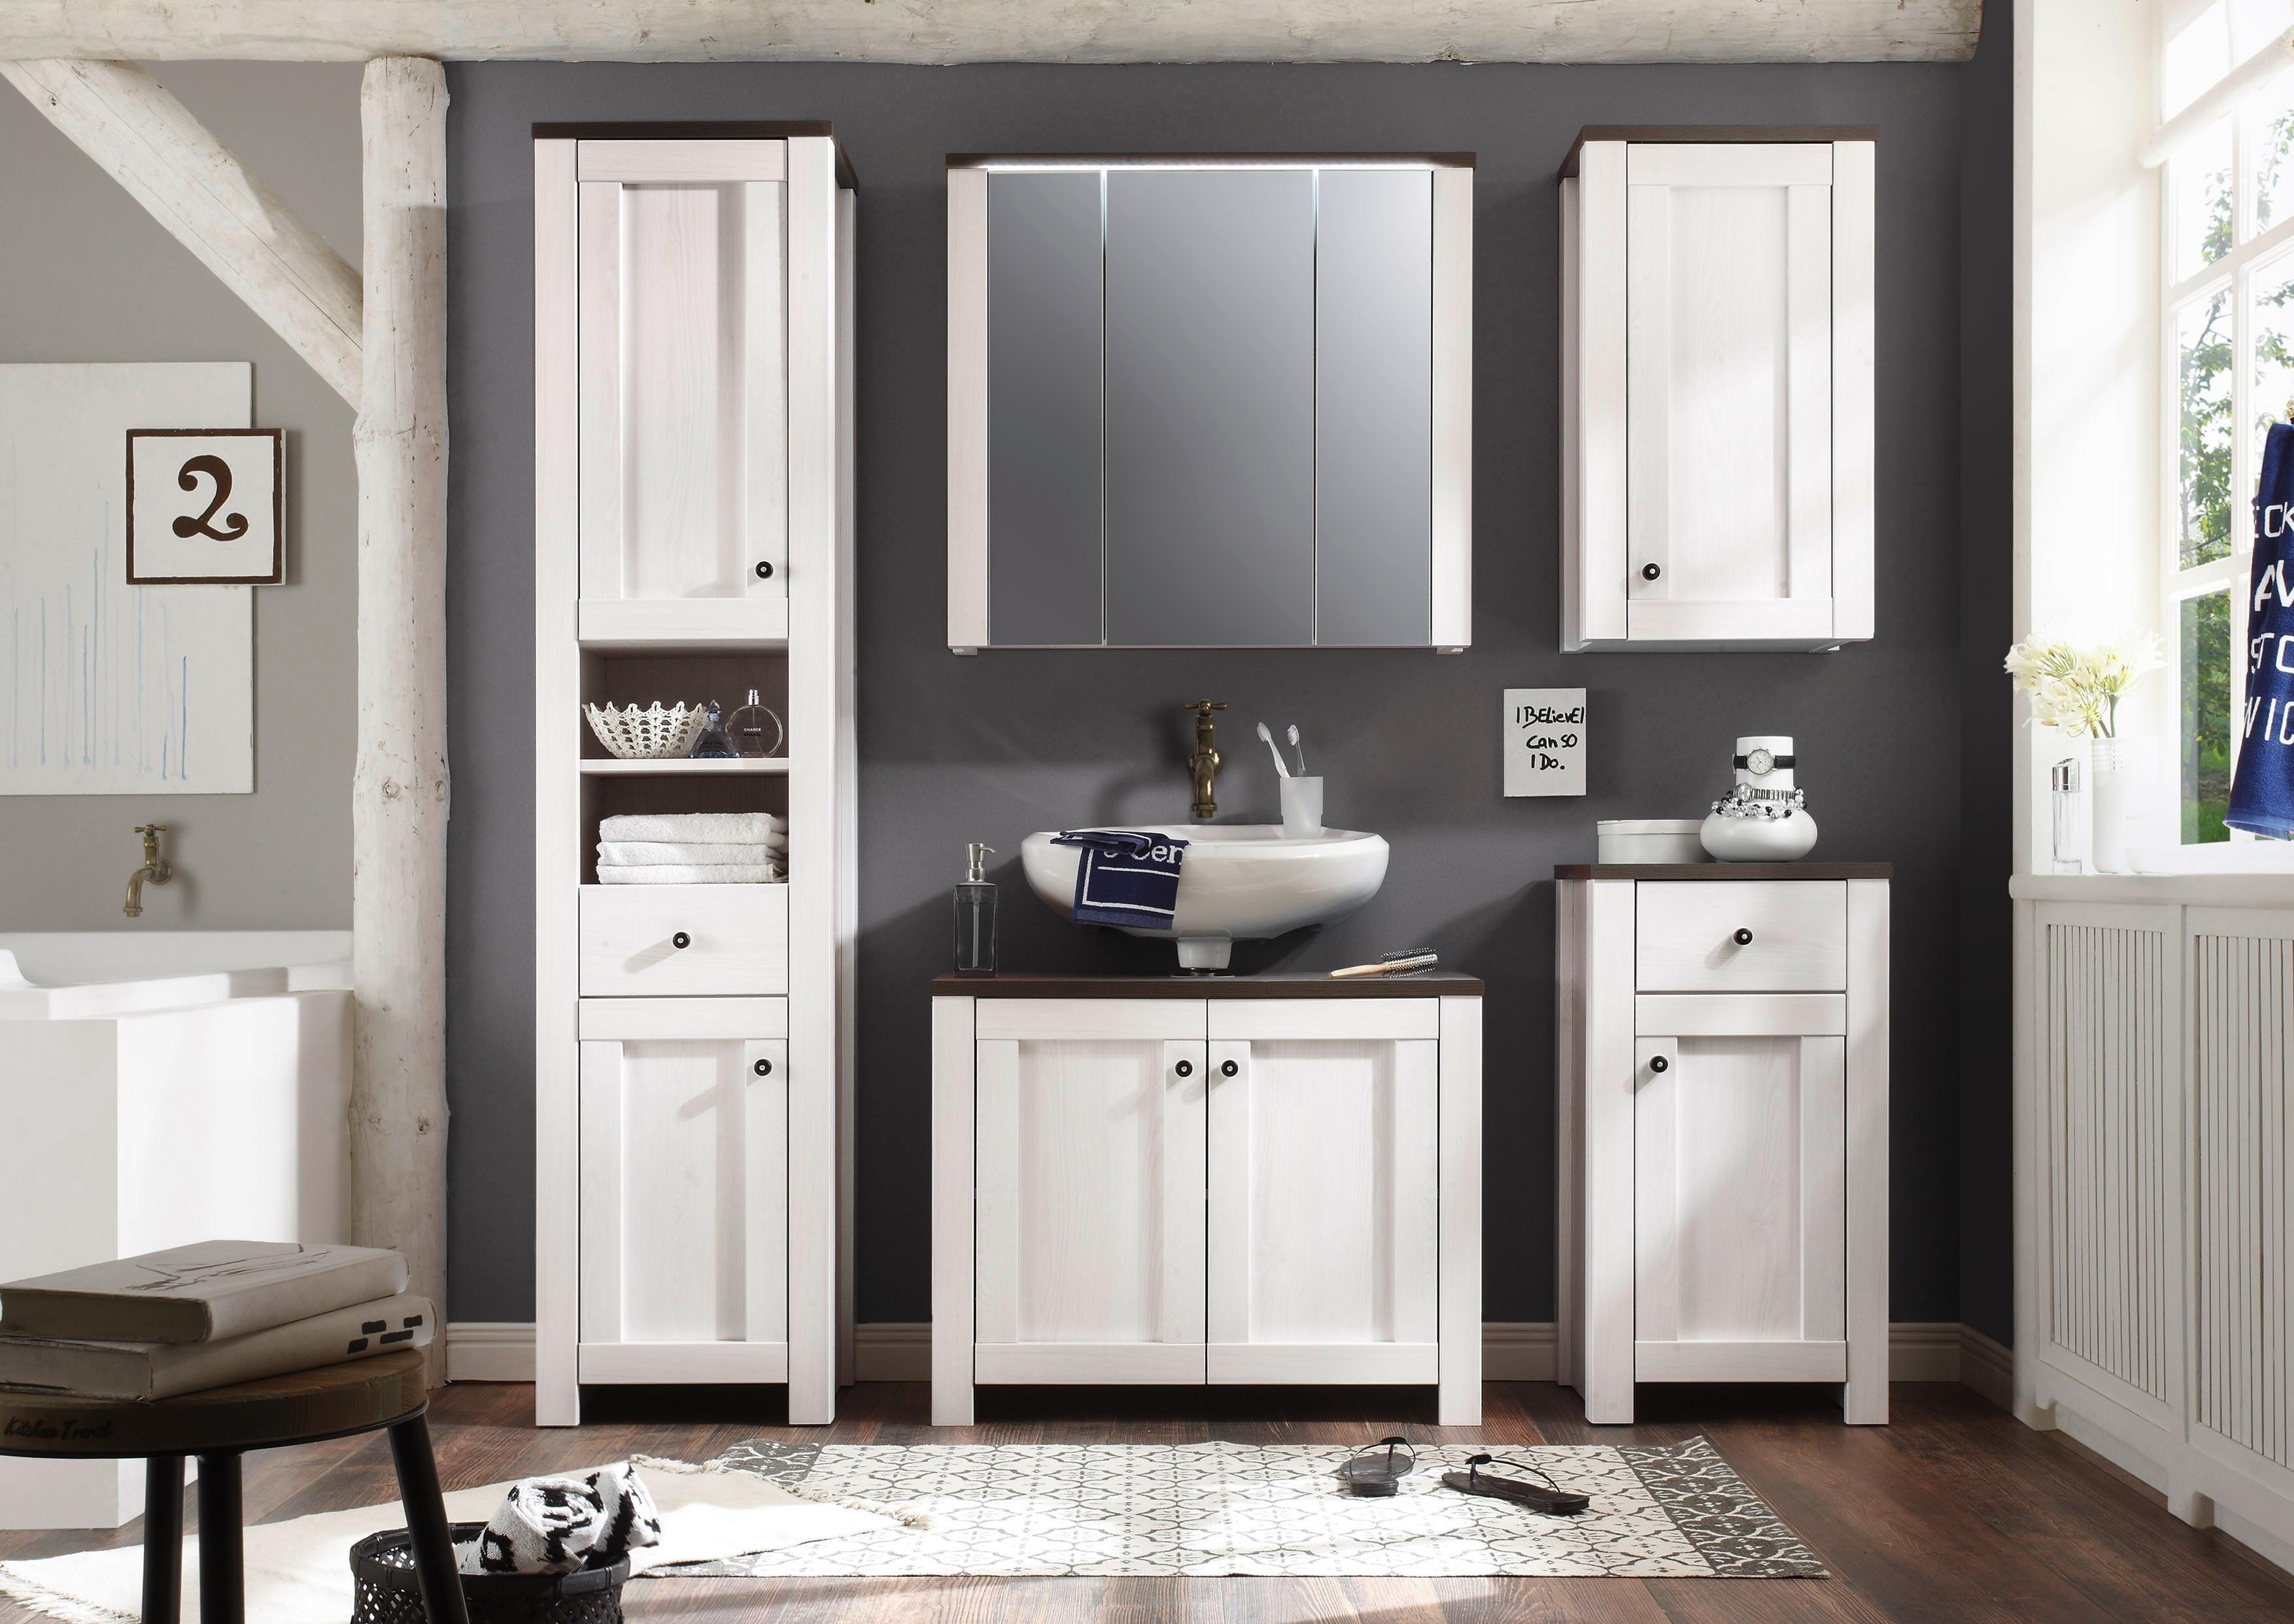 Landscape kupaonica kombinira moderan i starinski stil Izrađena je od elemenata u bijeloj boji